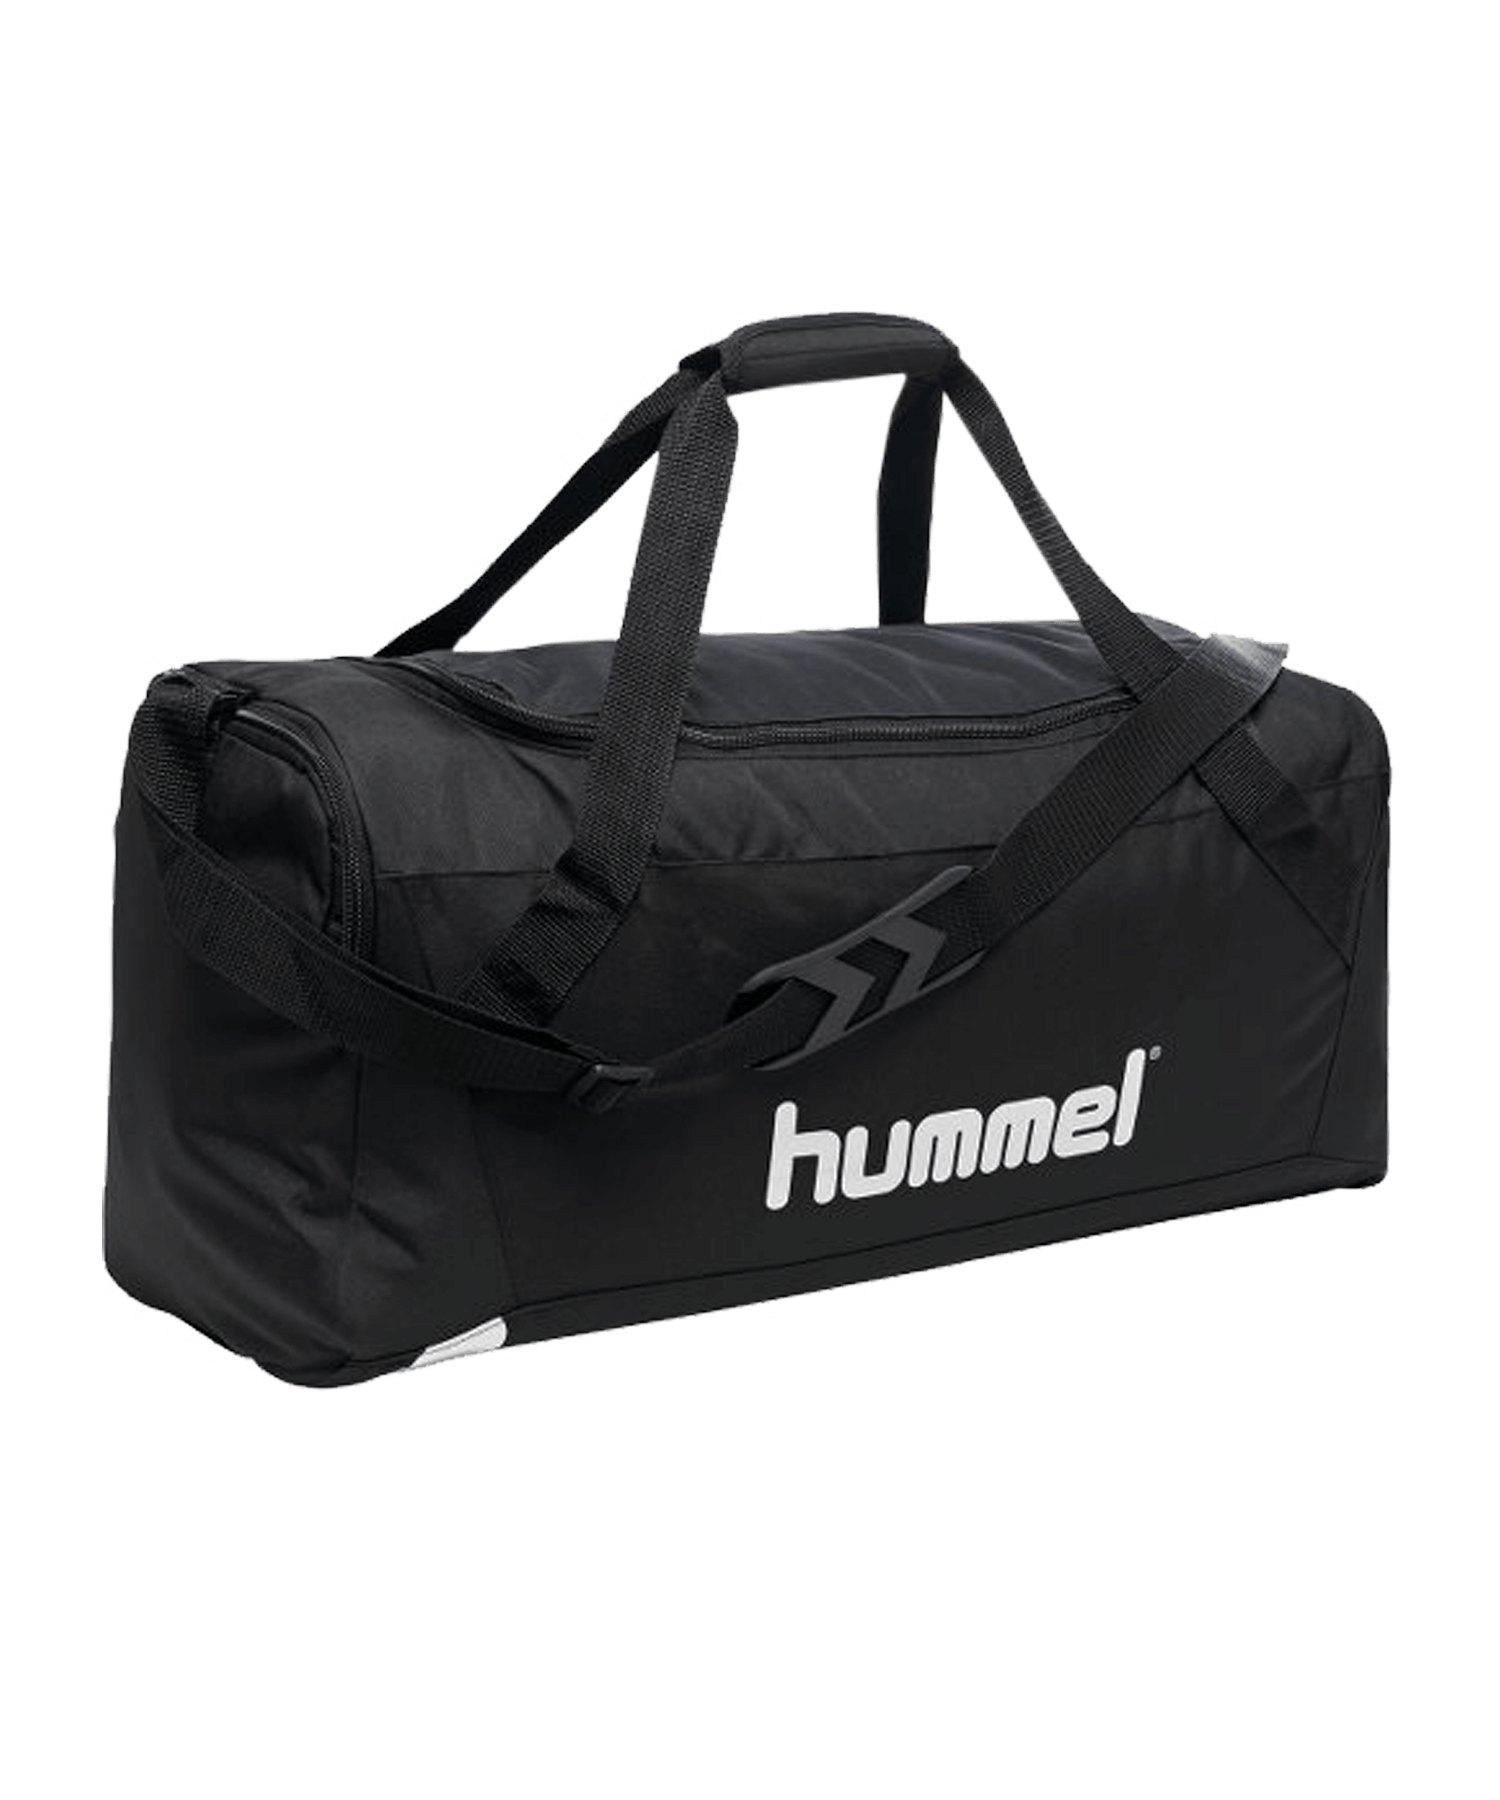 Hummel Core Bag Sporttasche Schwarz F2001 Gr.S - schwarz